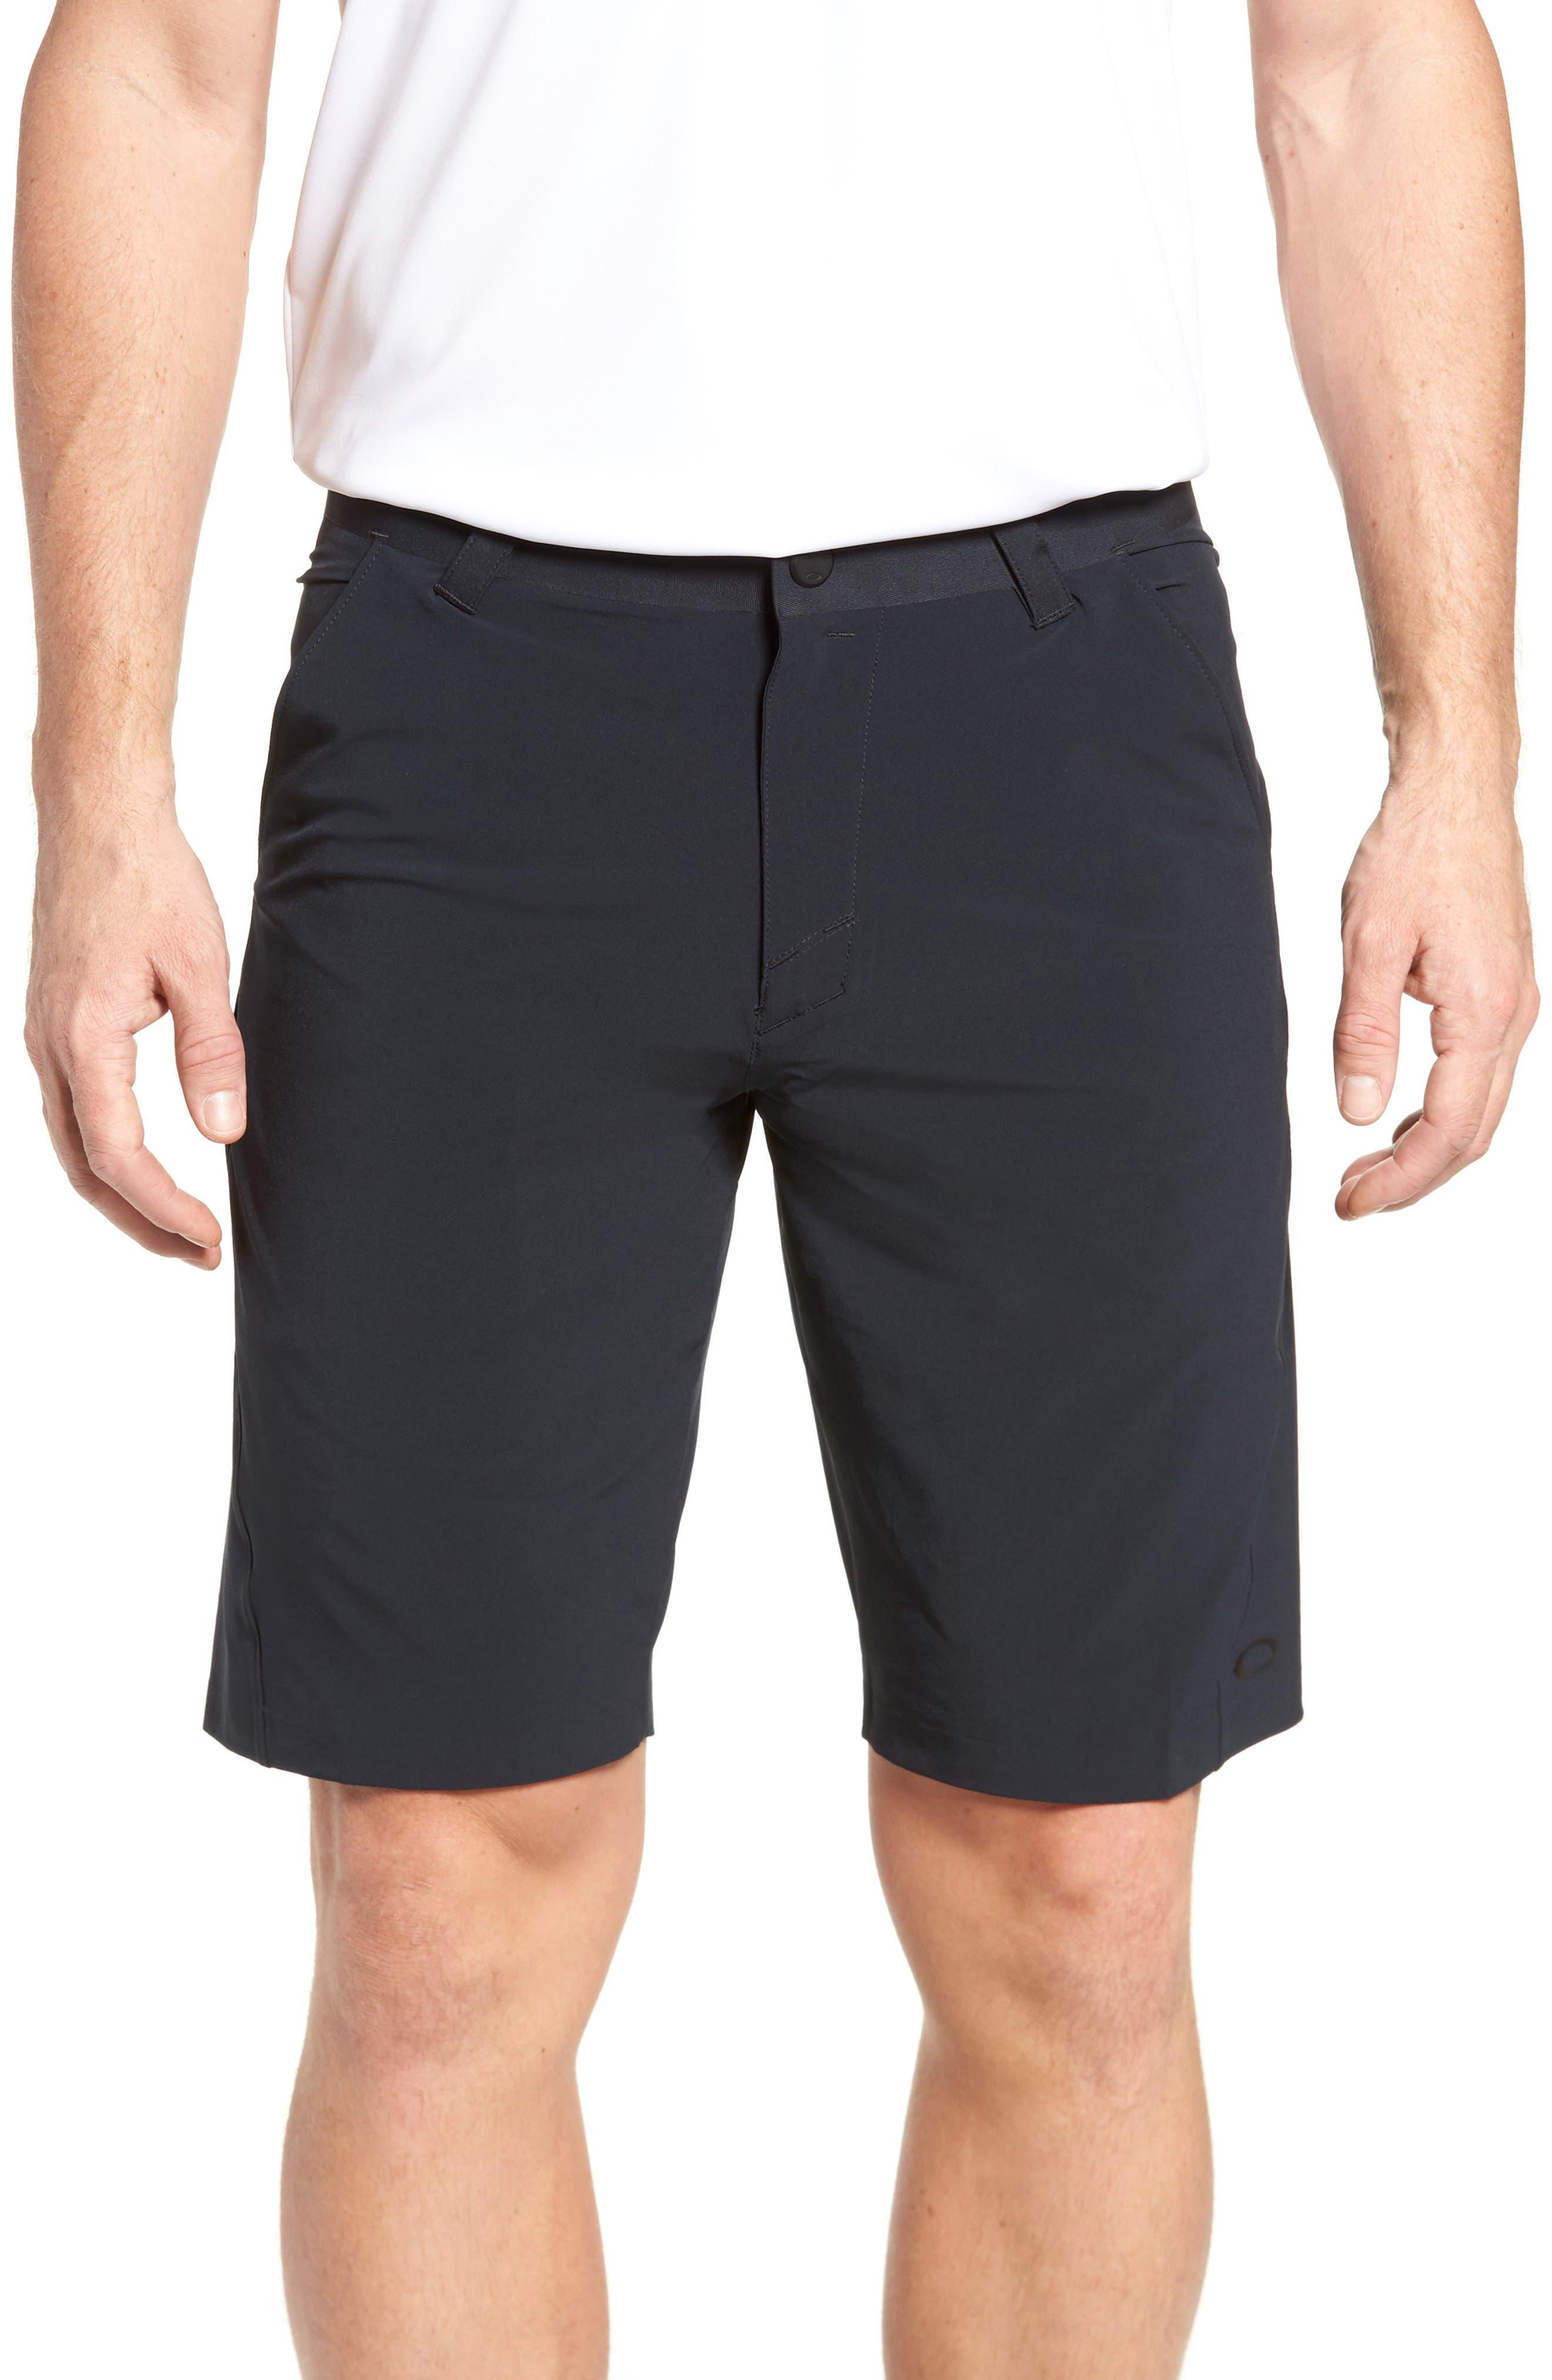 Velocity Shorts,                             Main thumbnail 1, color,                             001